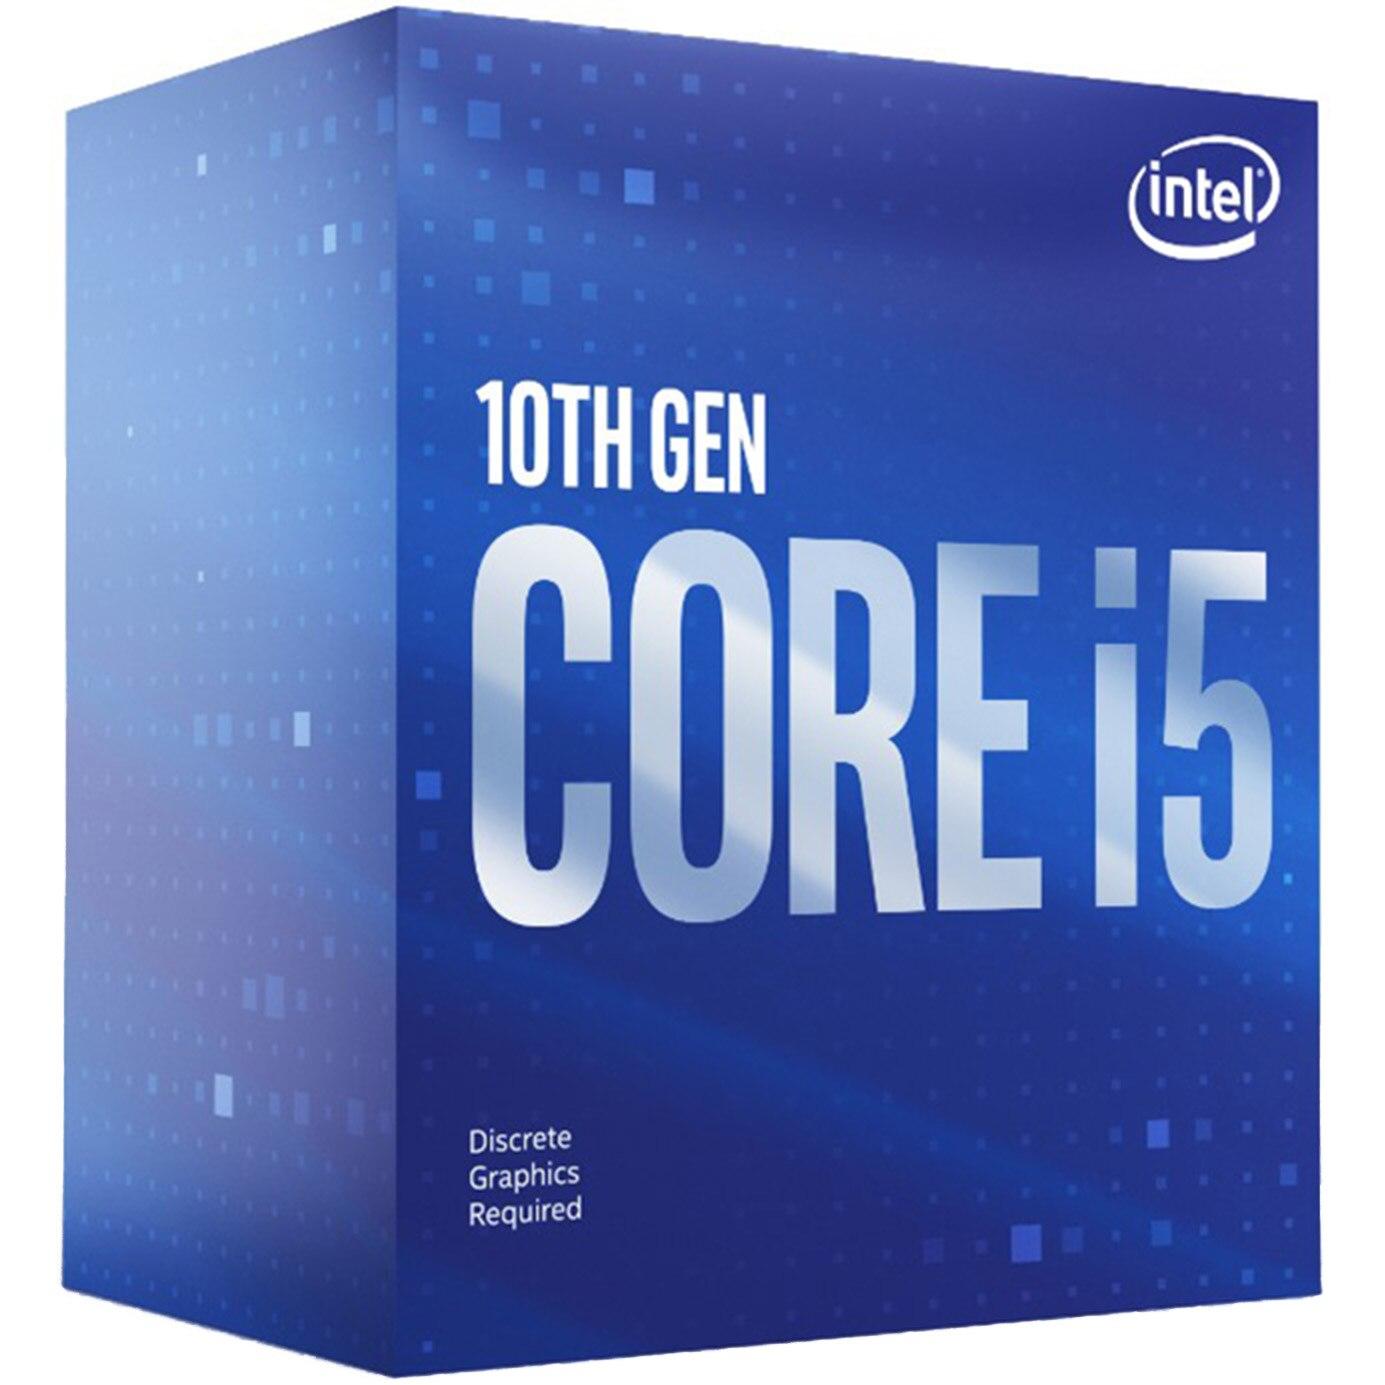 Fotografie Procesor Intel® Core™ i5-10400F Comet Lake, 2.9GHz, 12MB, fara grafica integrata, Socket 1200